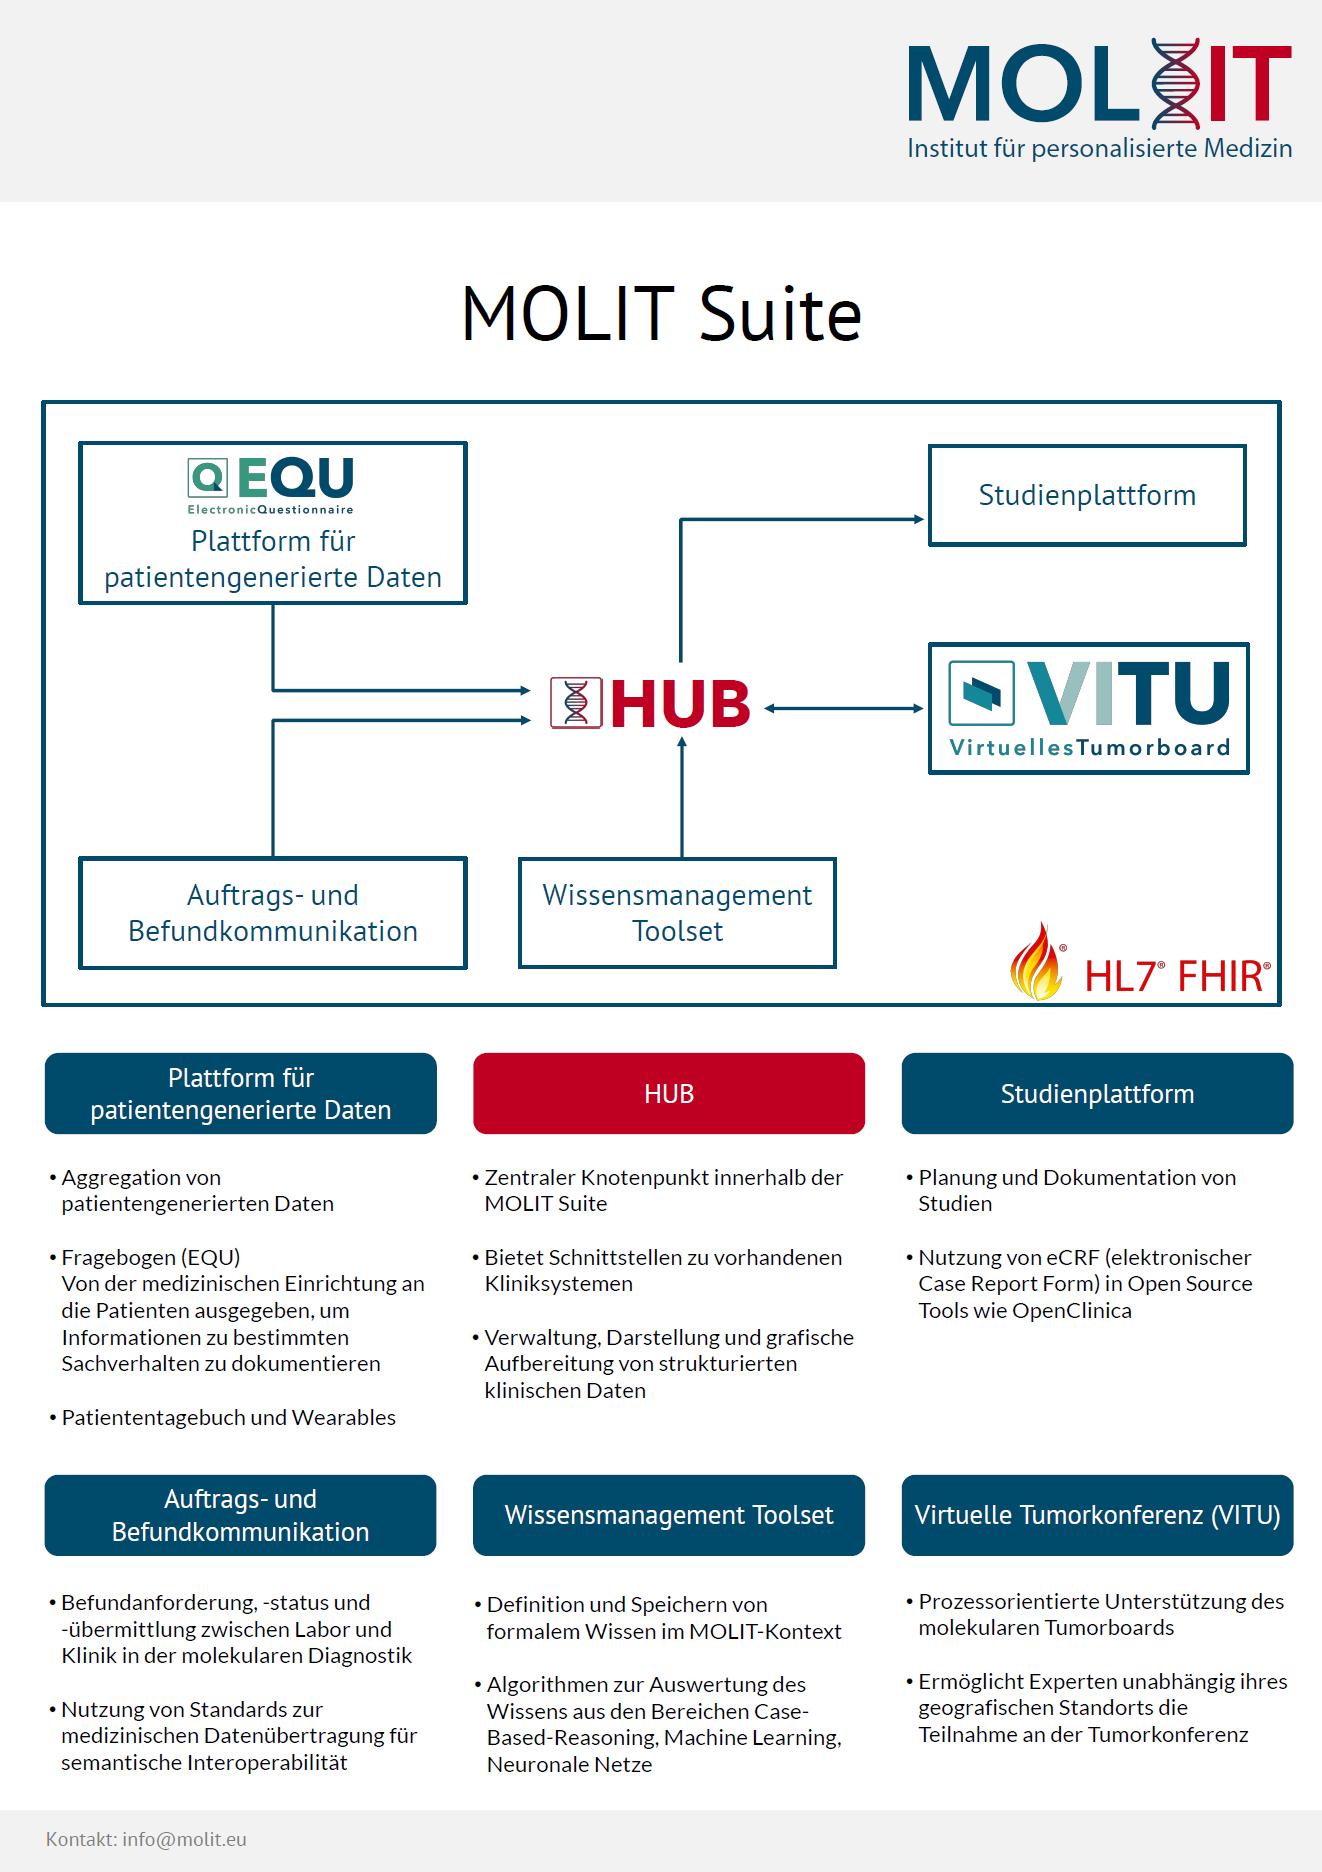 MOLIT Suite